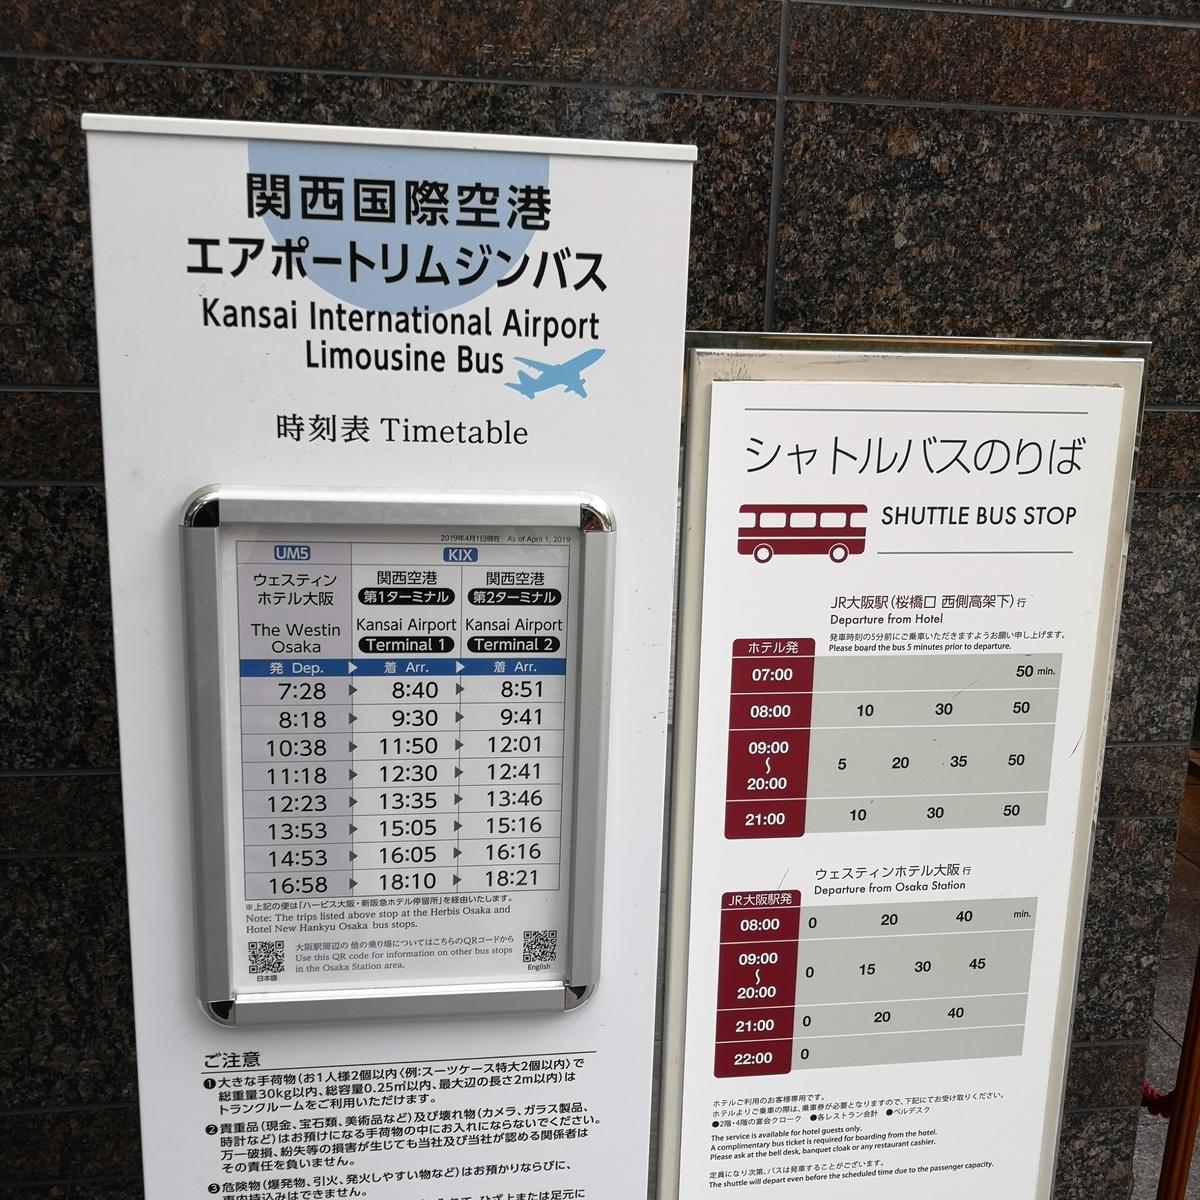 ウェスティンホテル大阪 関西国際空港リムジンバス